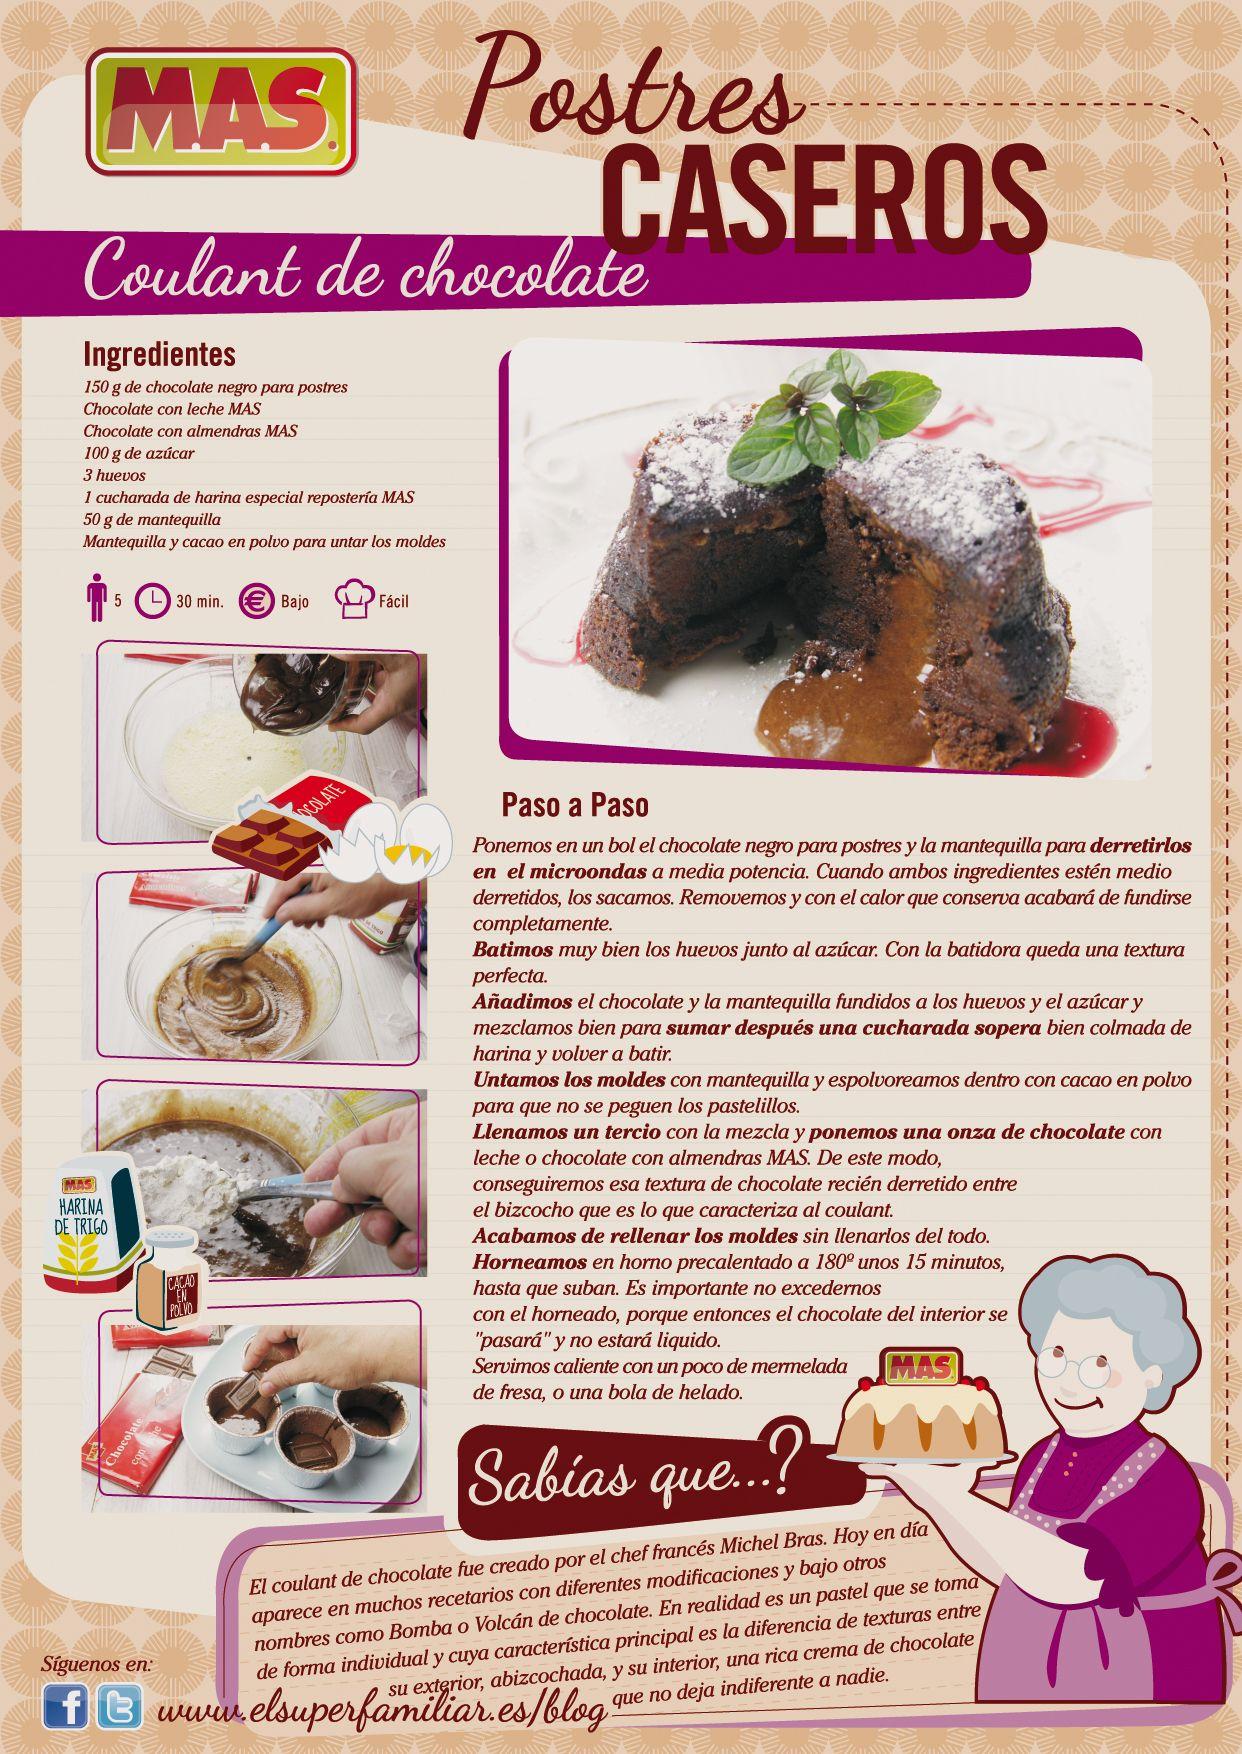 Recetas De Cocina Postres Caseros | Receta De Coulant De Chocolate Dejate Enamorar Por Este Rico